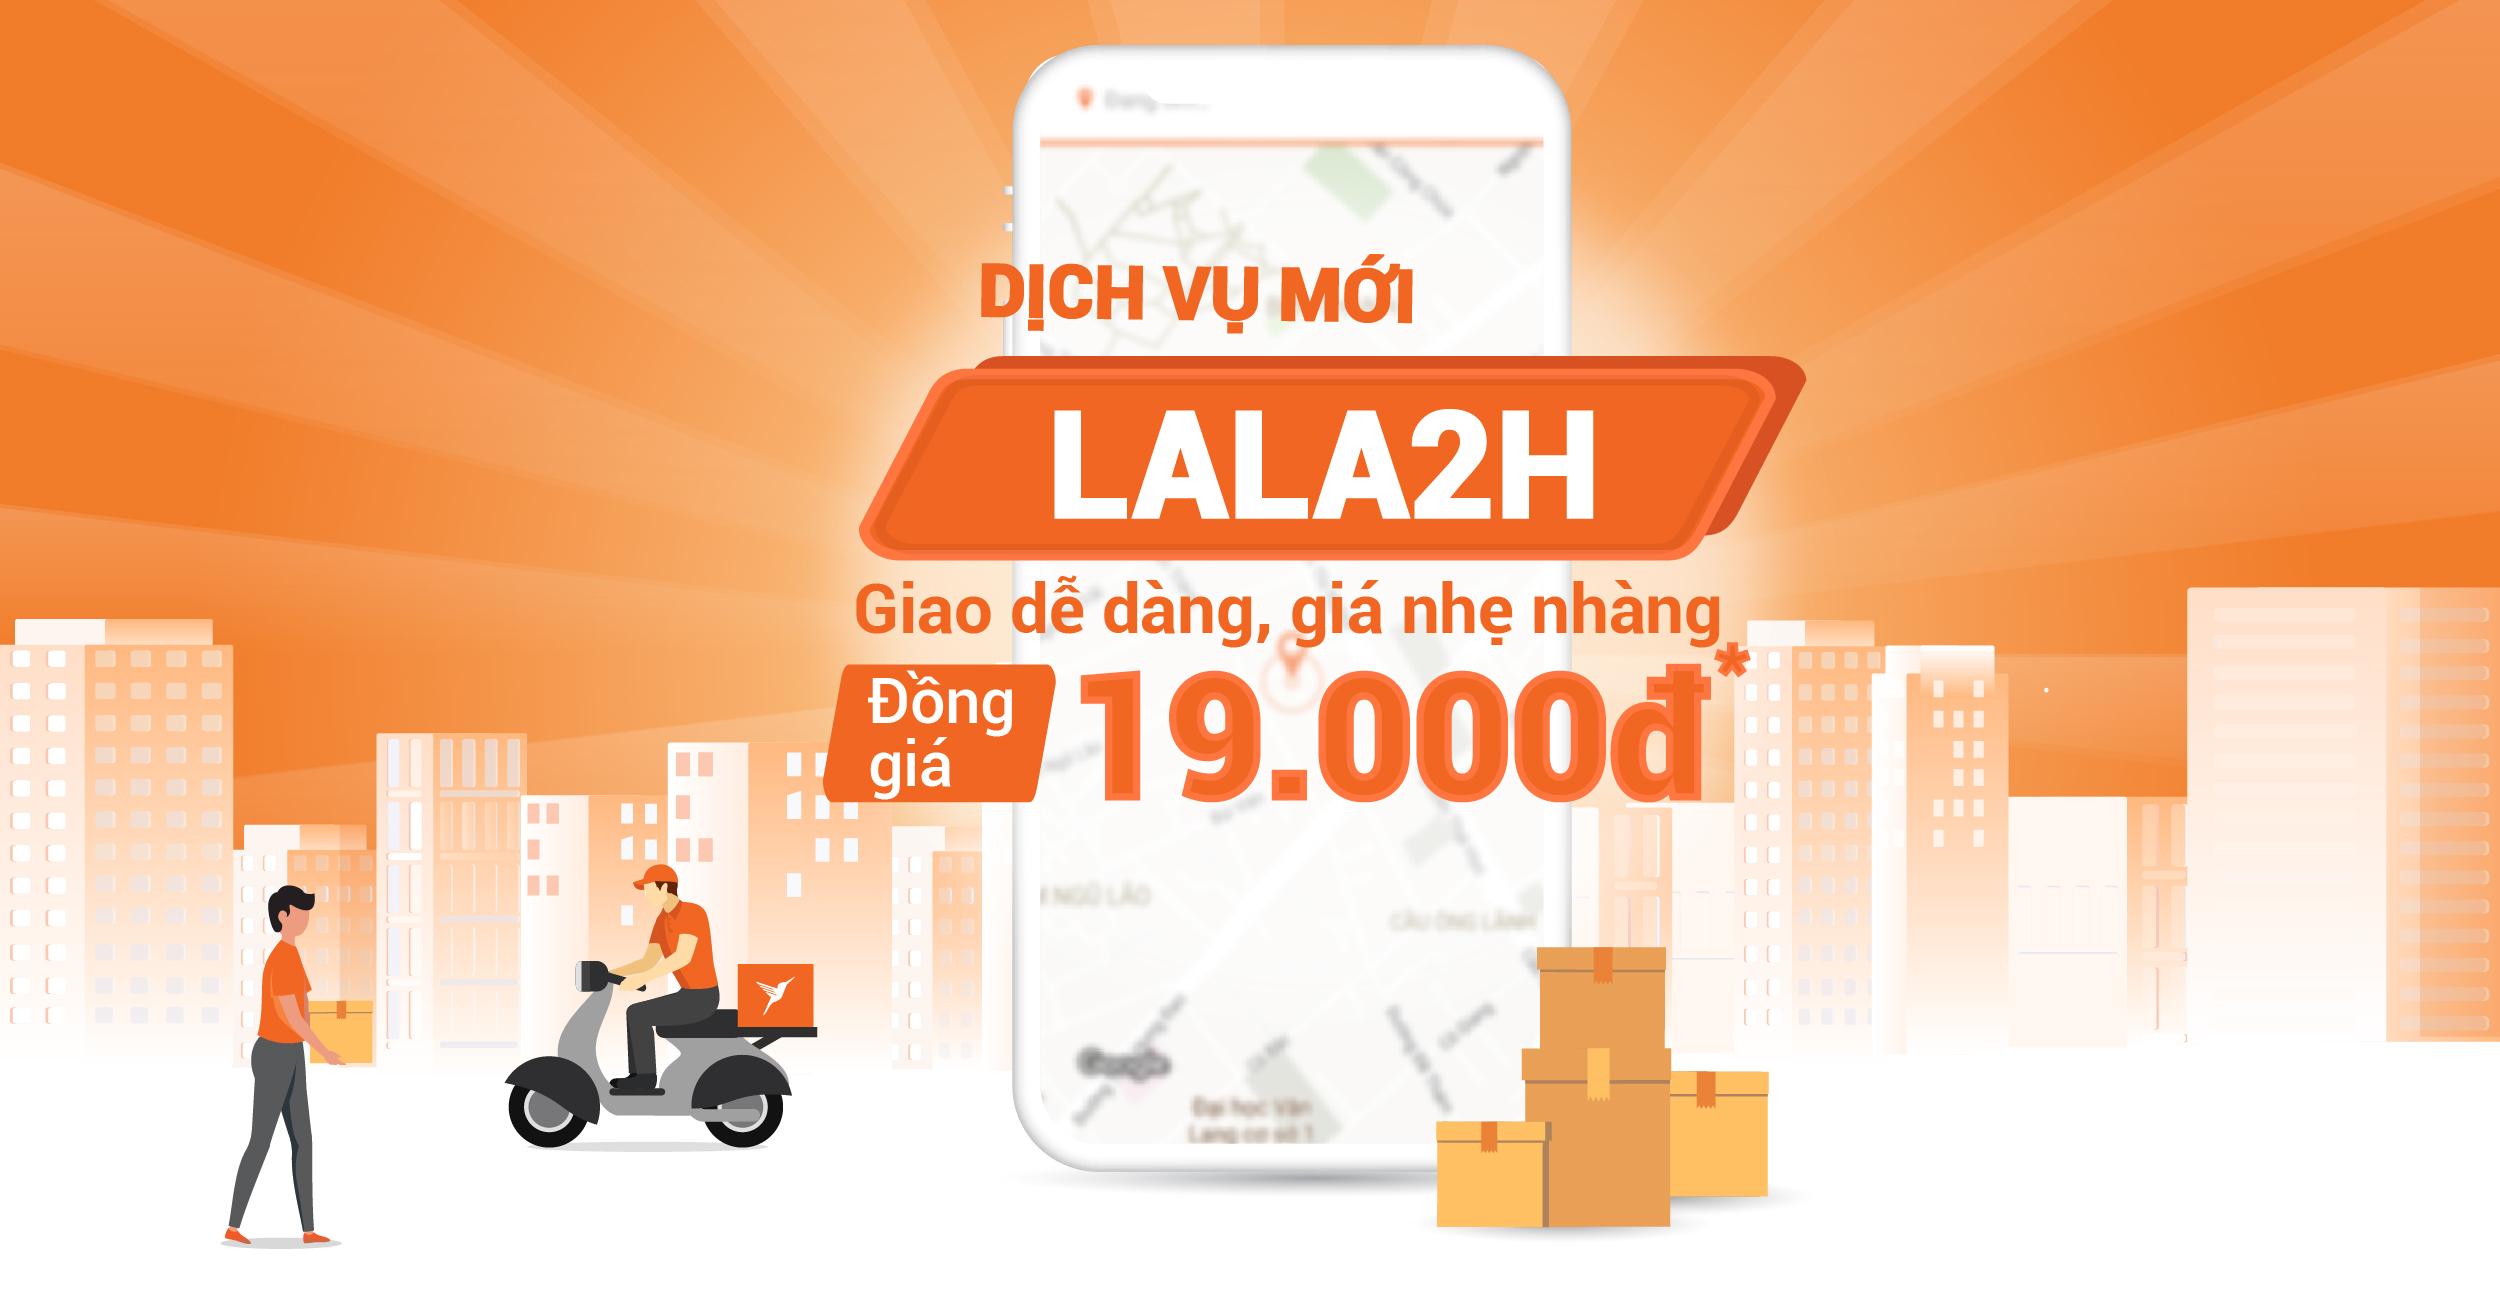 lala2h-1200x628